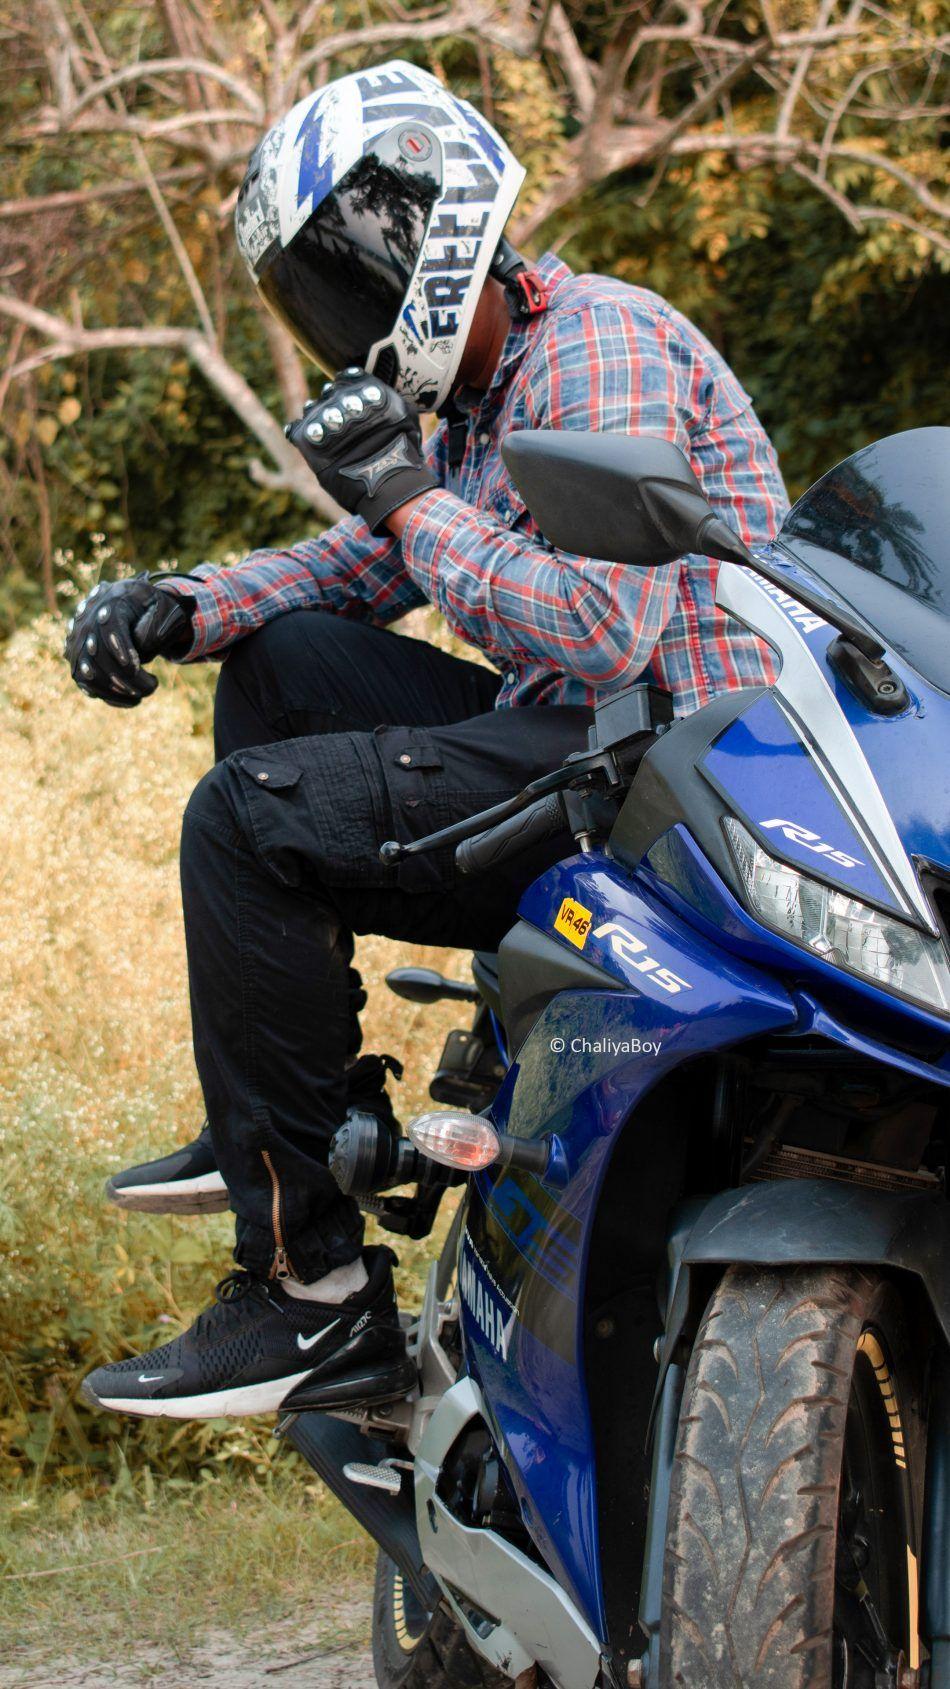 Rider Franky R15 Bike Helmet Mobile Wallpaper Bike Helmet Bike